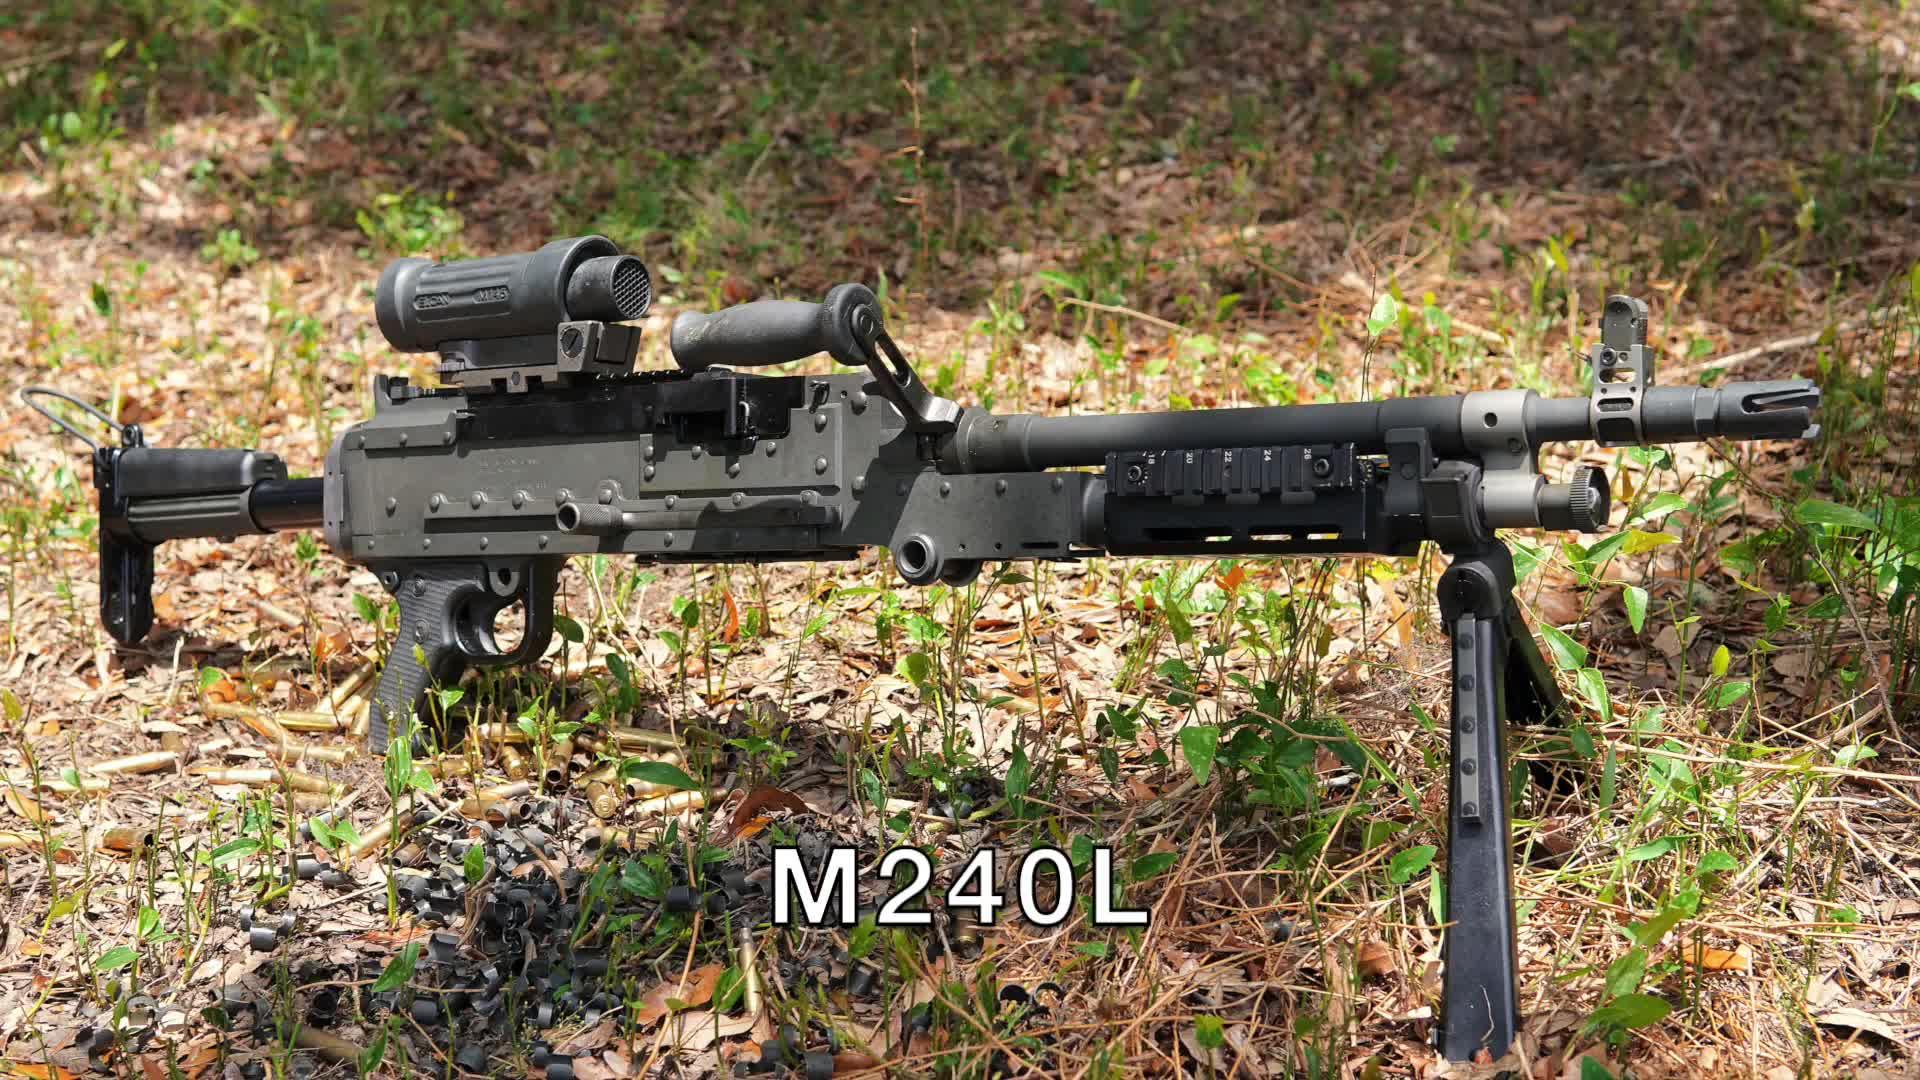 M240L轻机枪,采用可散式弹链供弹,靶场慢动作射击回放